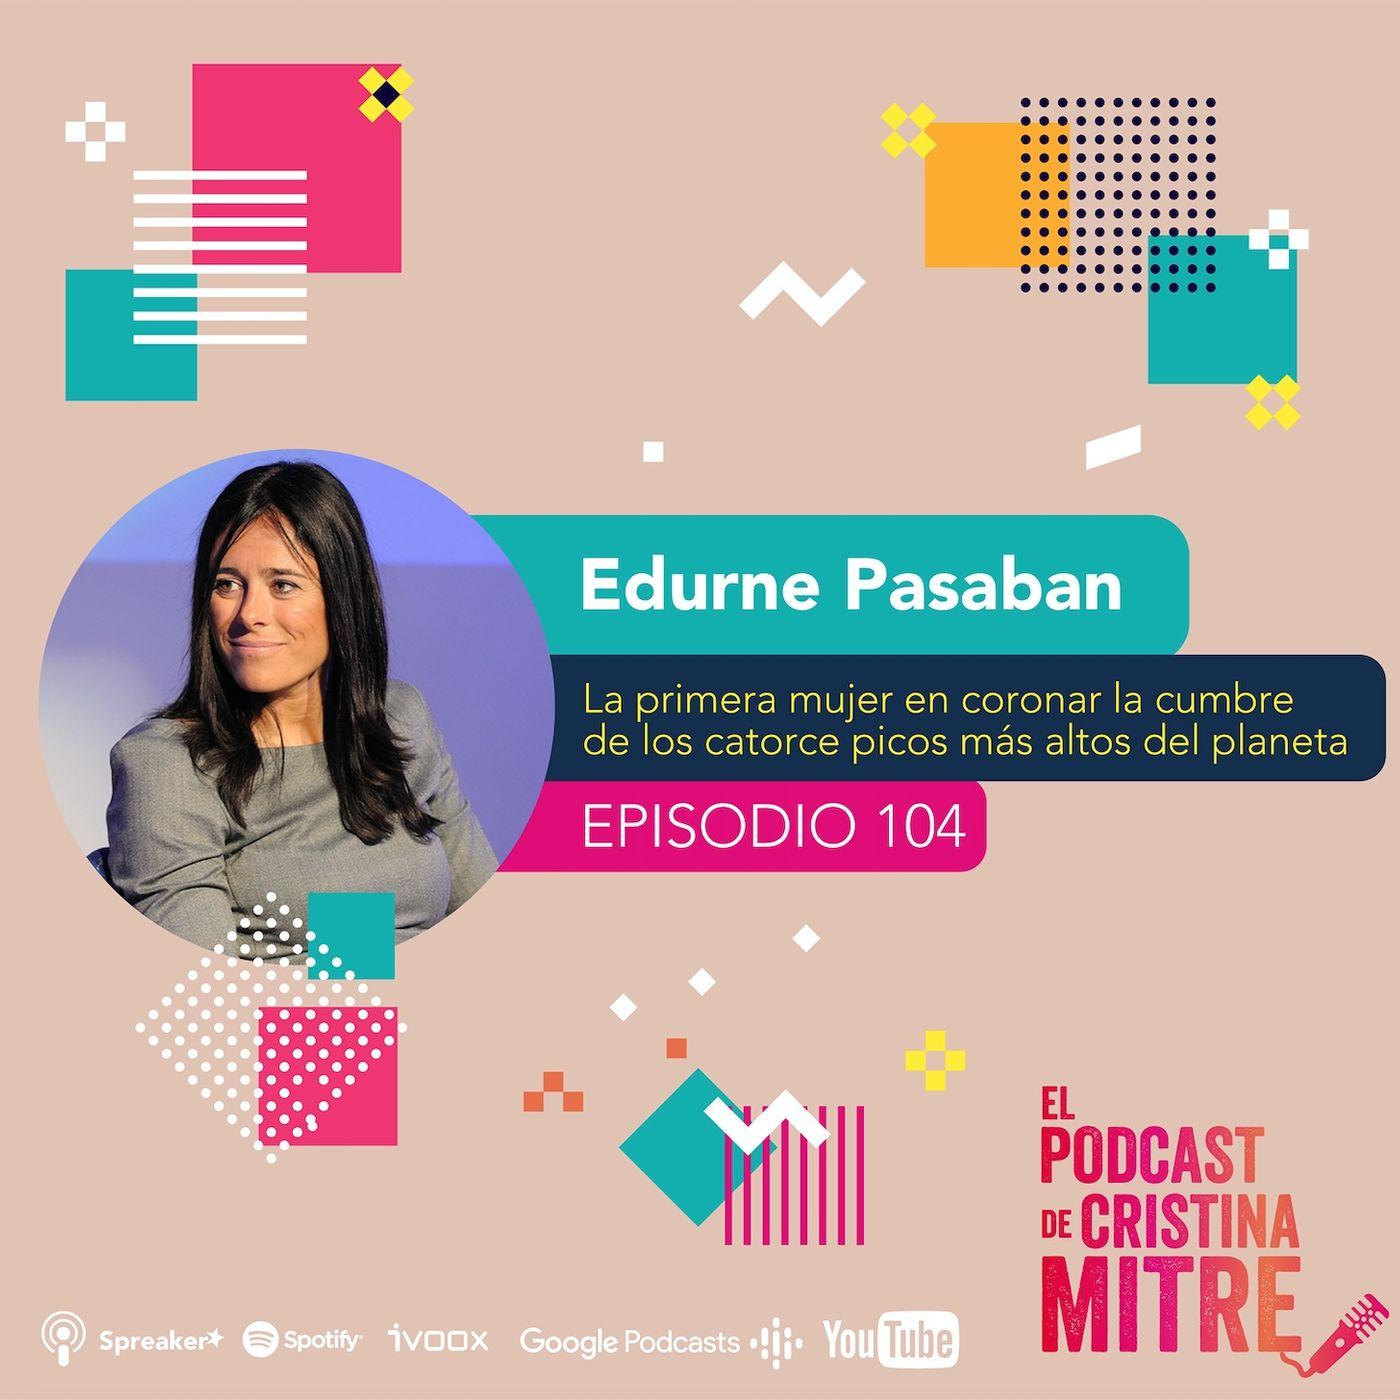 """""""El miedo no es mal compañero"""", Edurne Pasaban, la primera mujer en el mundo en escalar los catorce ochomiles"""